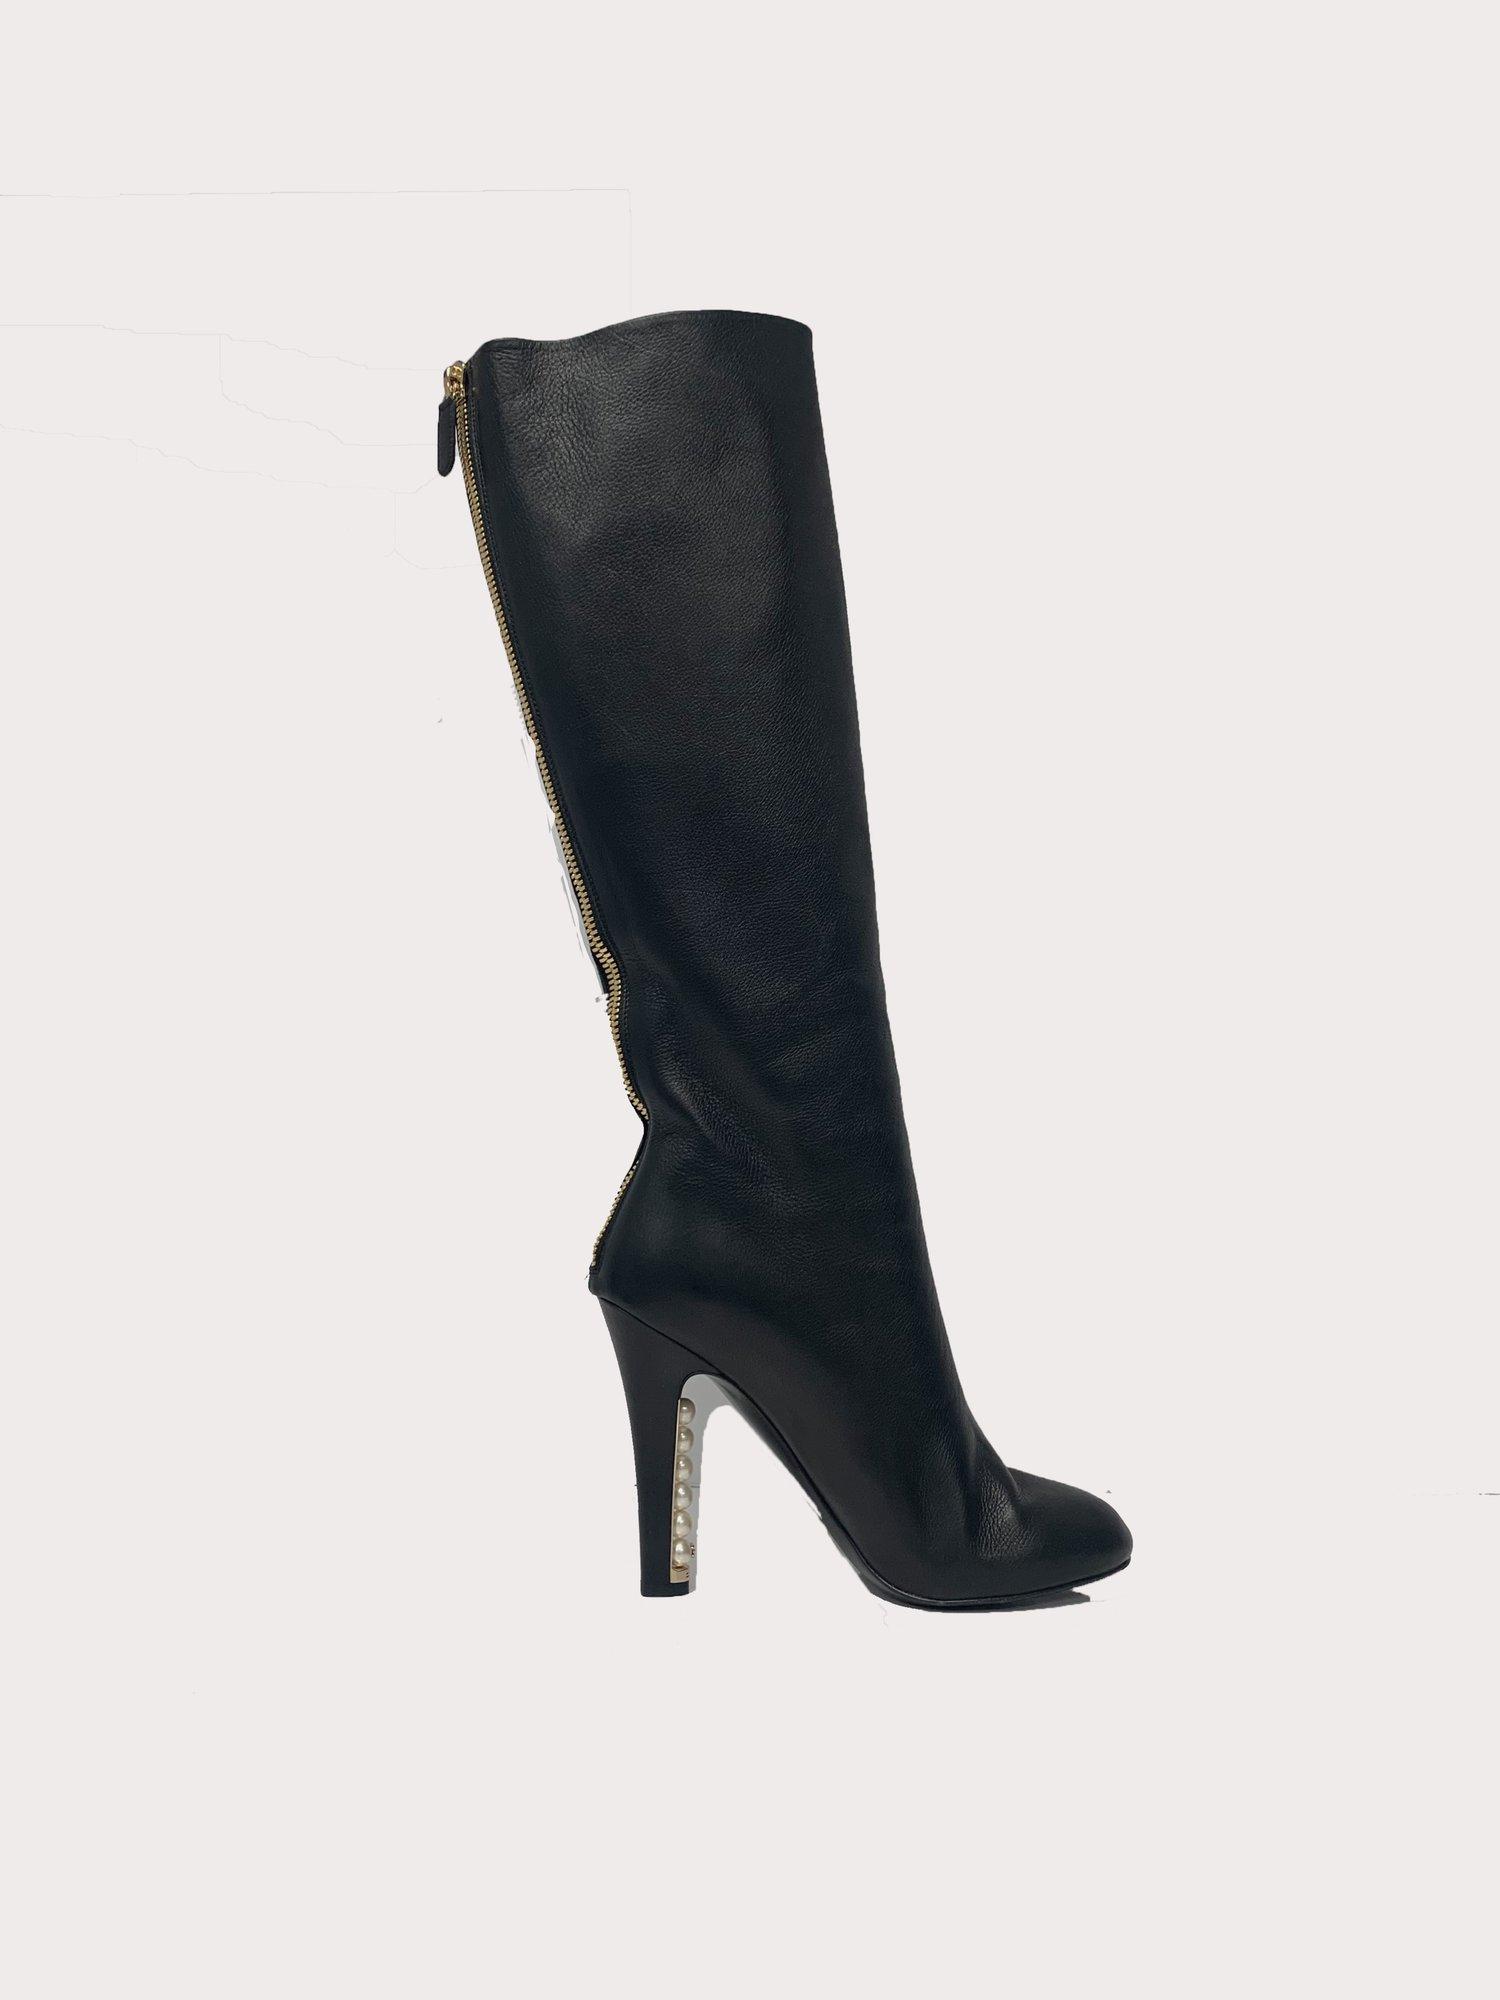 Pearl Heel Boots - $1598